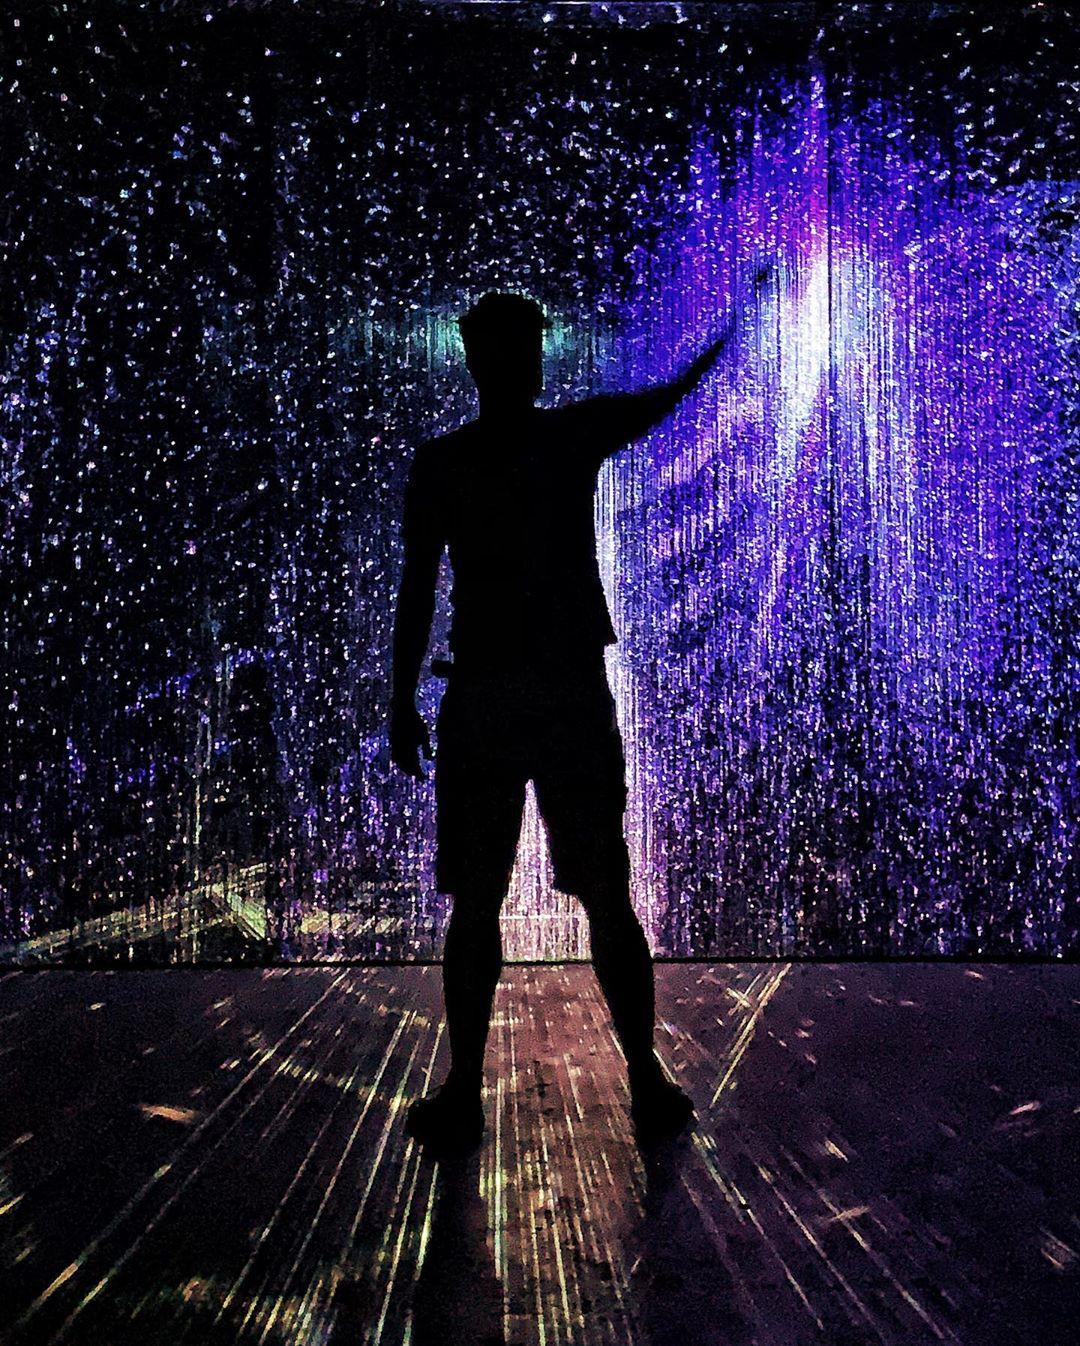 Exposição Somos Todos Feitos de Luz